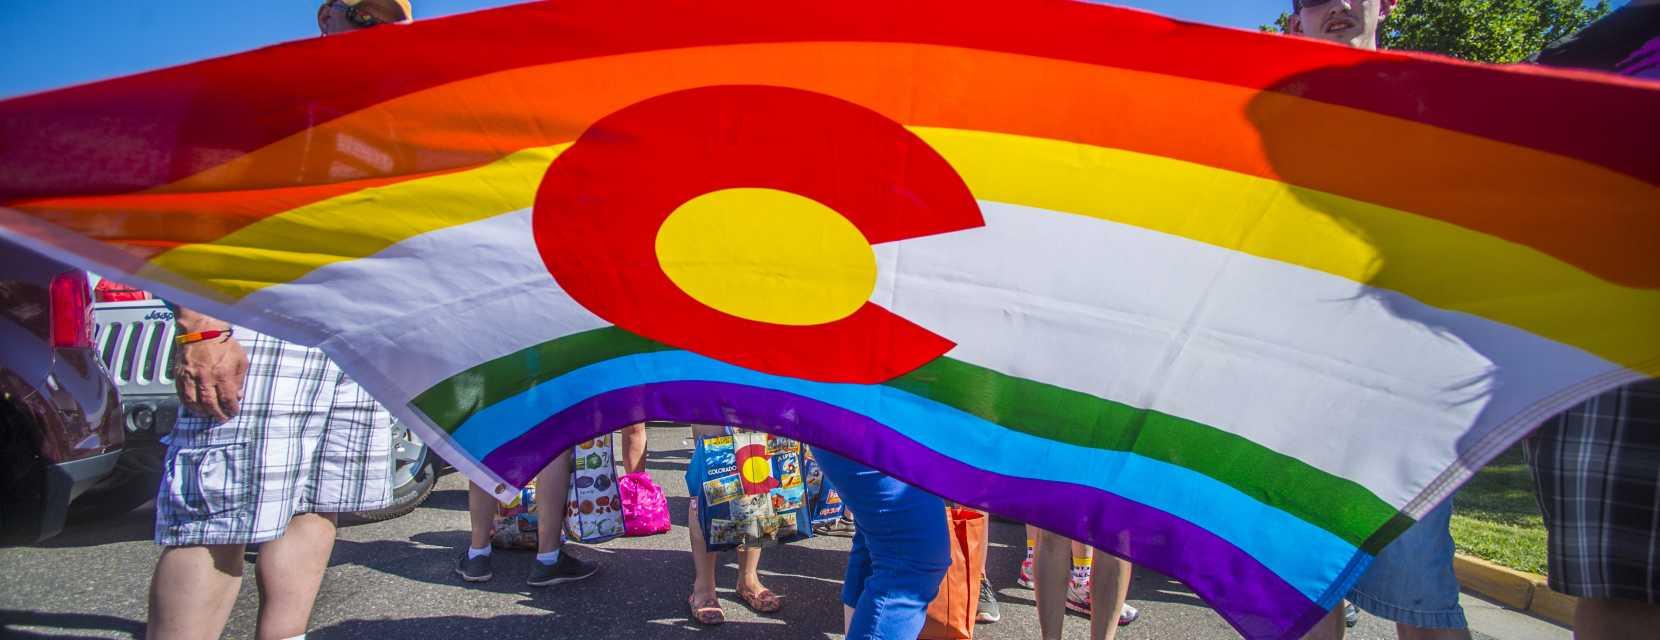 Gay bars denver colorado